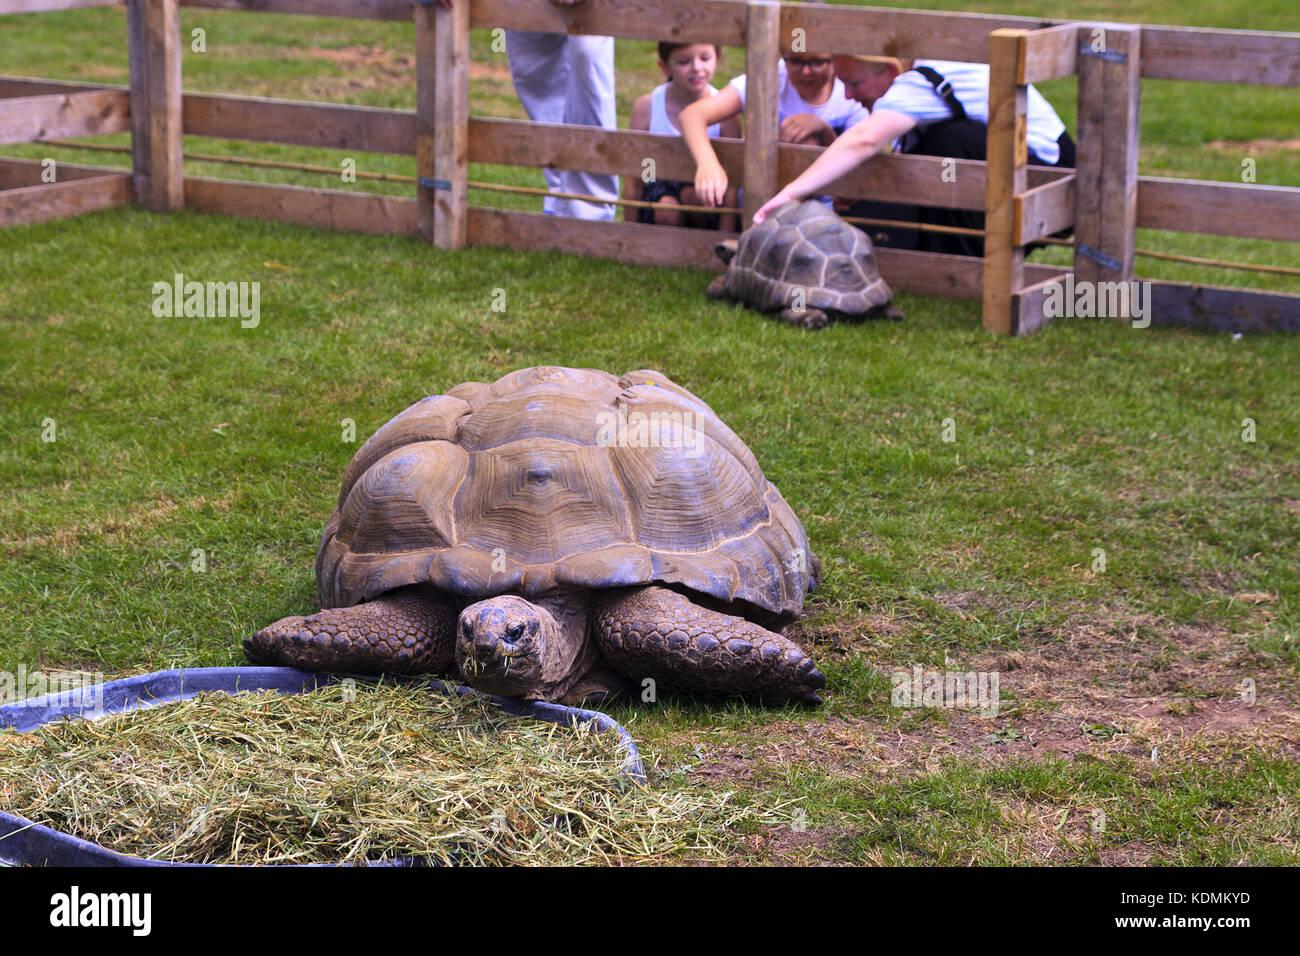 Aldabra Giant Tortoise eating grass - Stock Image